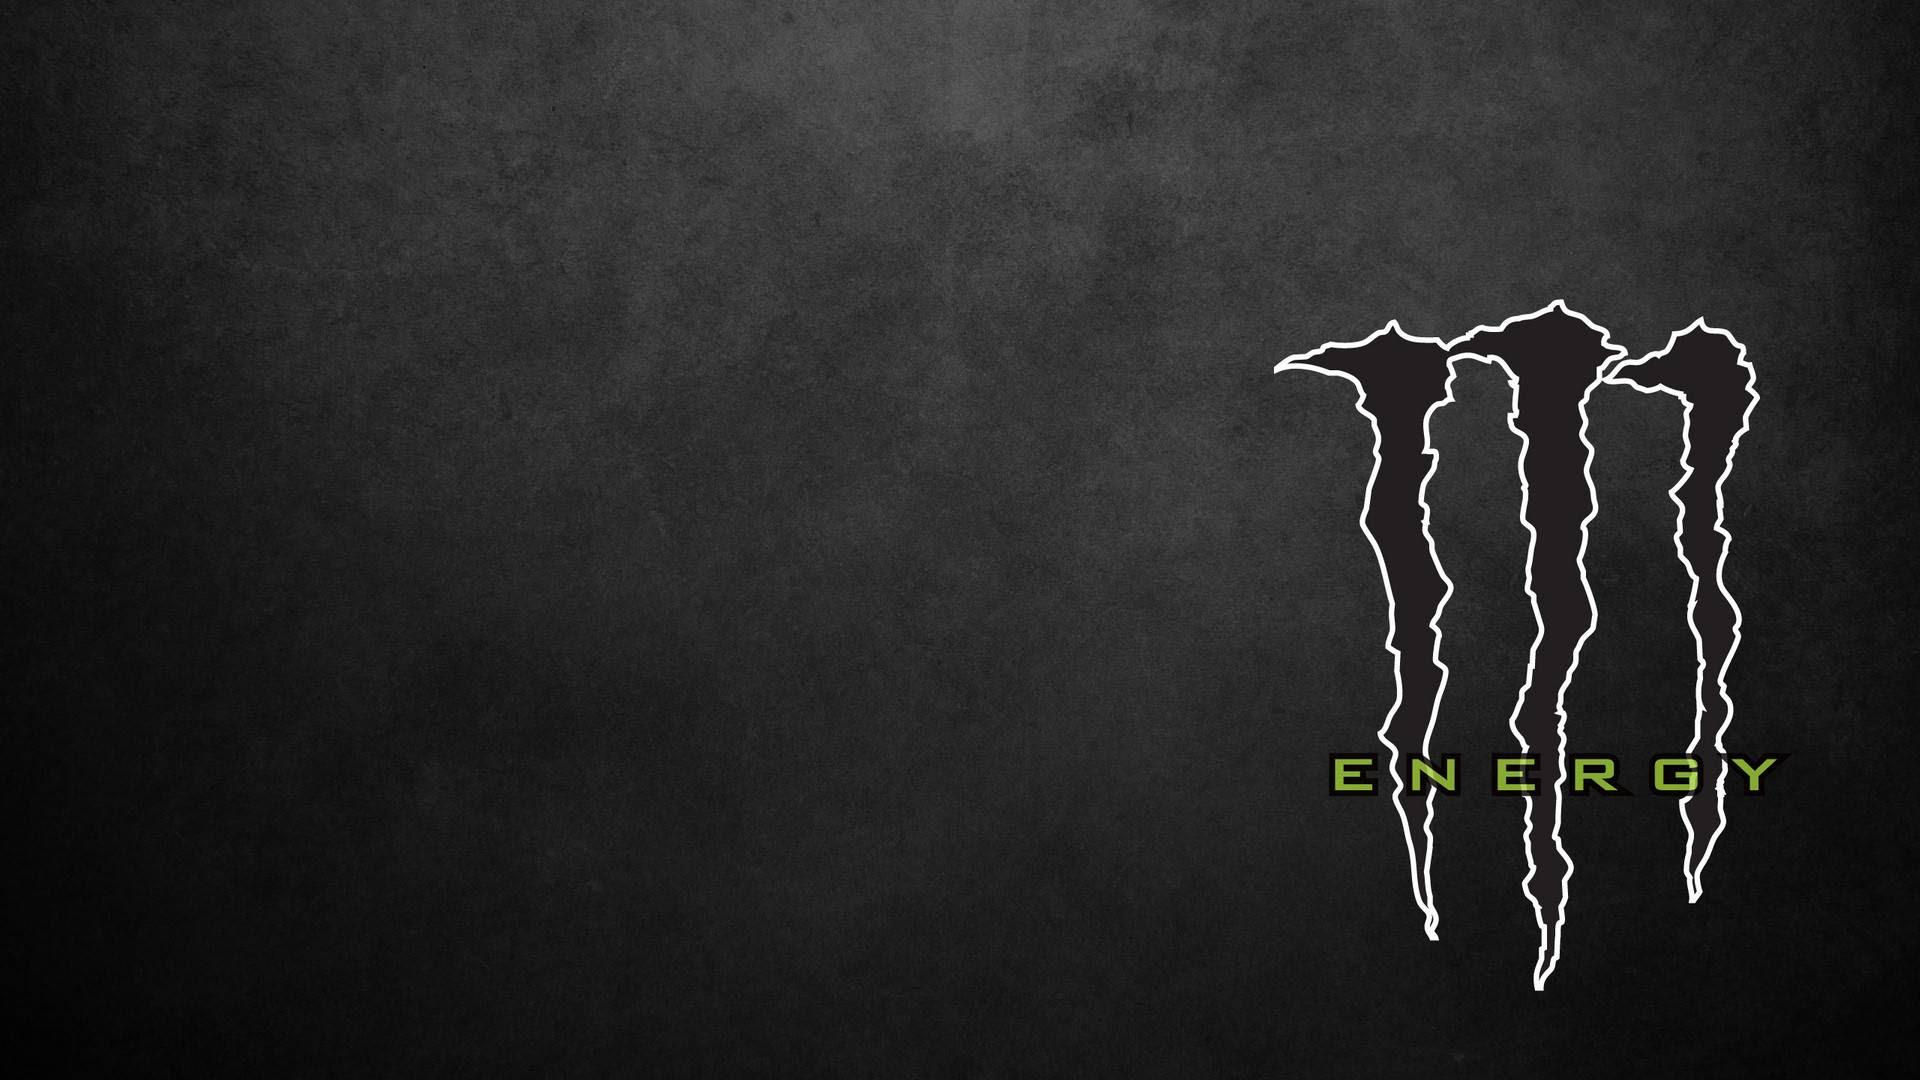 【50歳以上】 Monster Energy 壁紙 - トップの壁紙はこちら!   トップ最も検索画像の壁紙